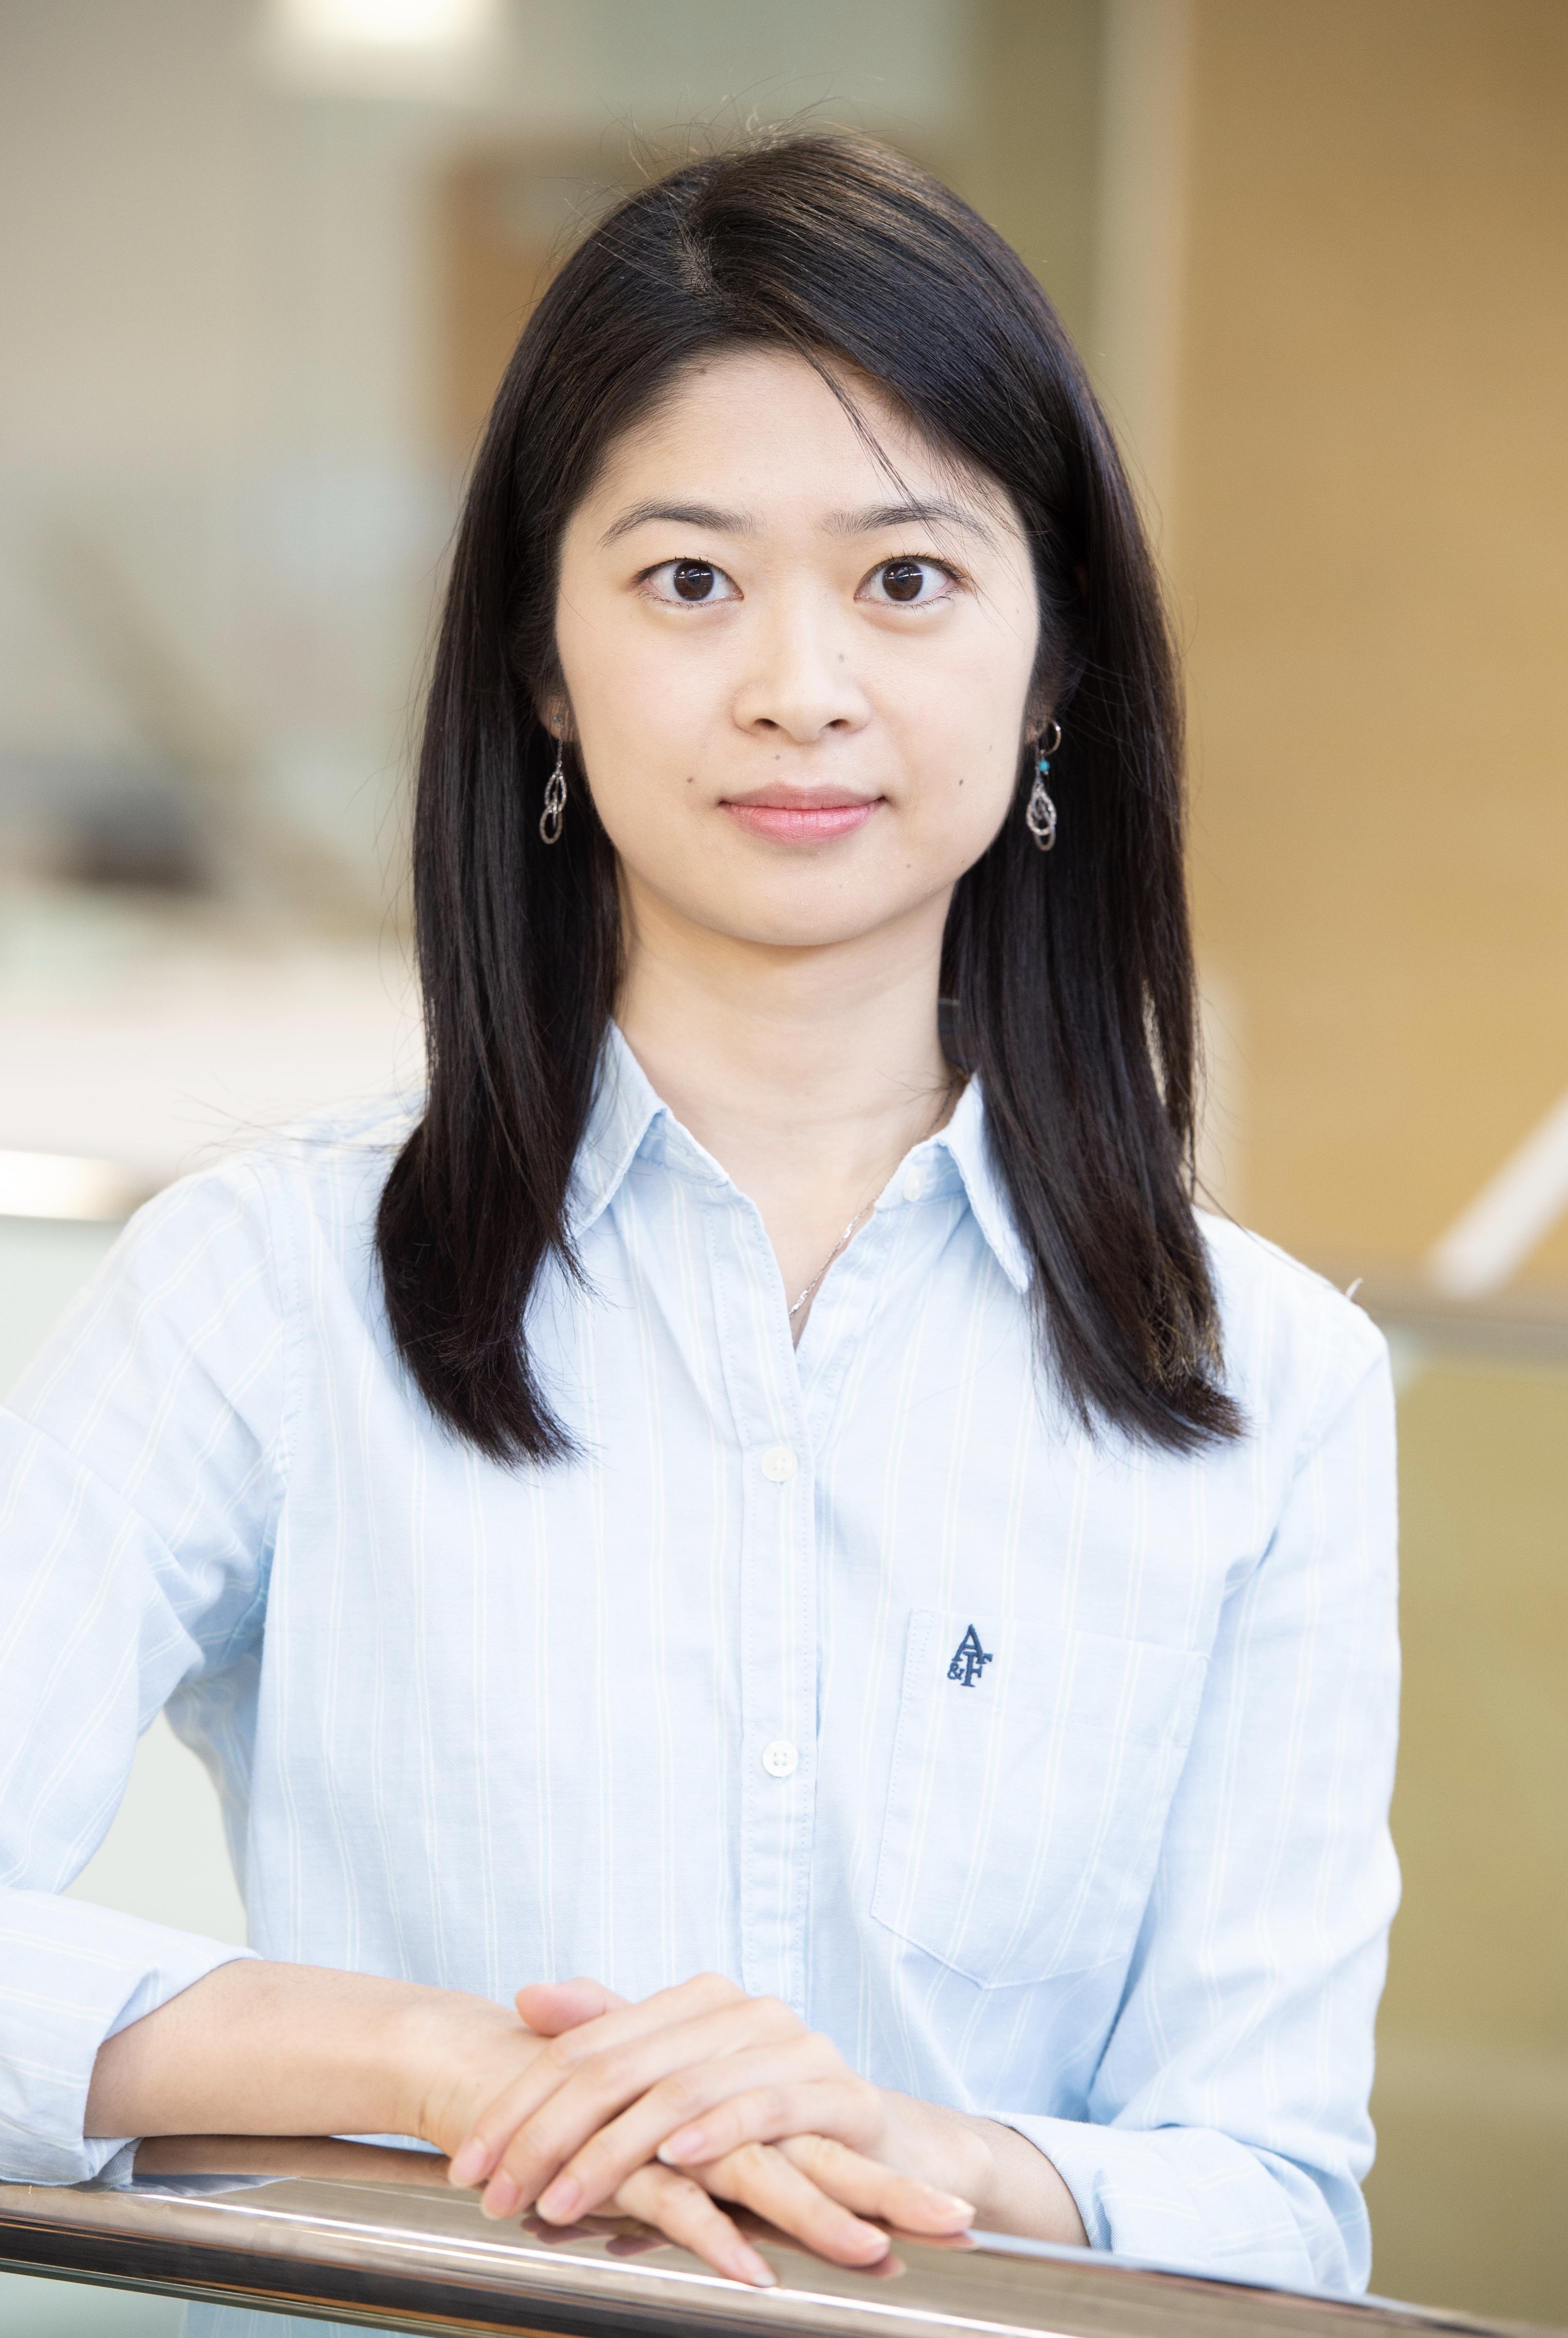 Jiawen Li